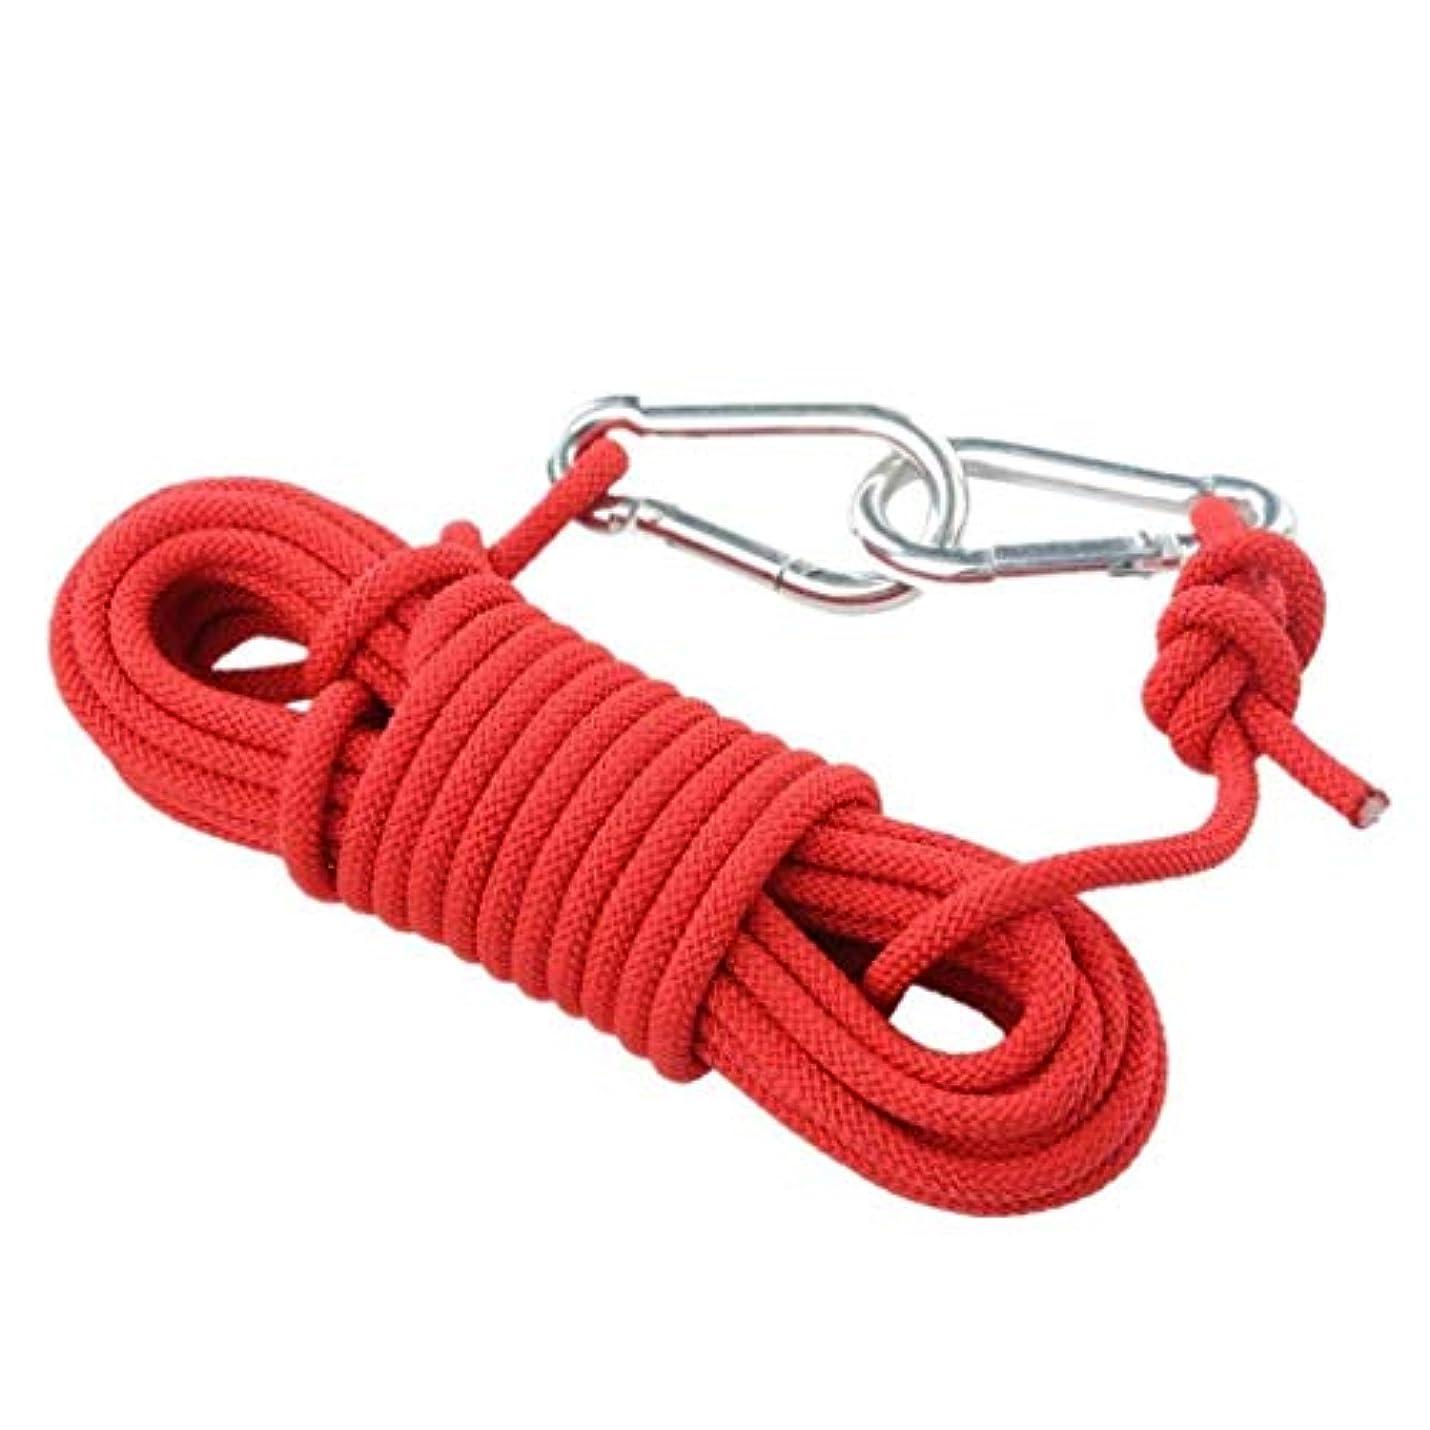 フォーム表現偽善登山ロープの家の火の緊急脱出ロープ、ハイキングの洞窟探検のキャンプの救助調査および工学保護のための多機能のコードの安全ロープ。 (Color : 赤, Size : 15m)